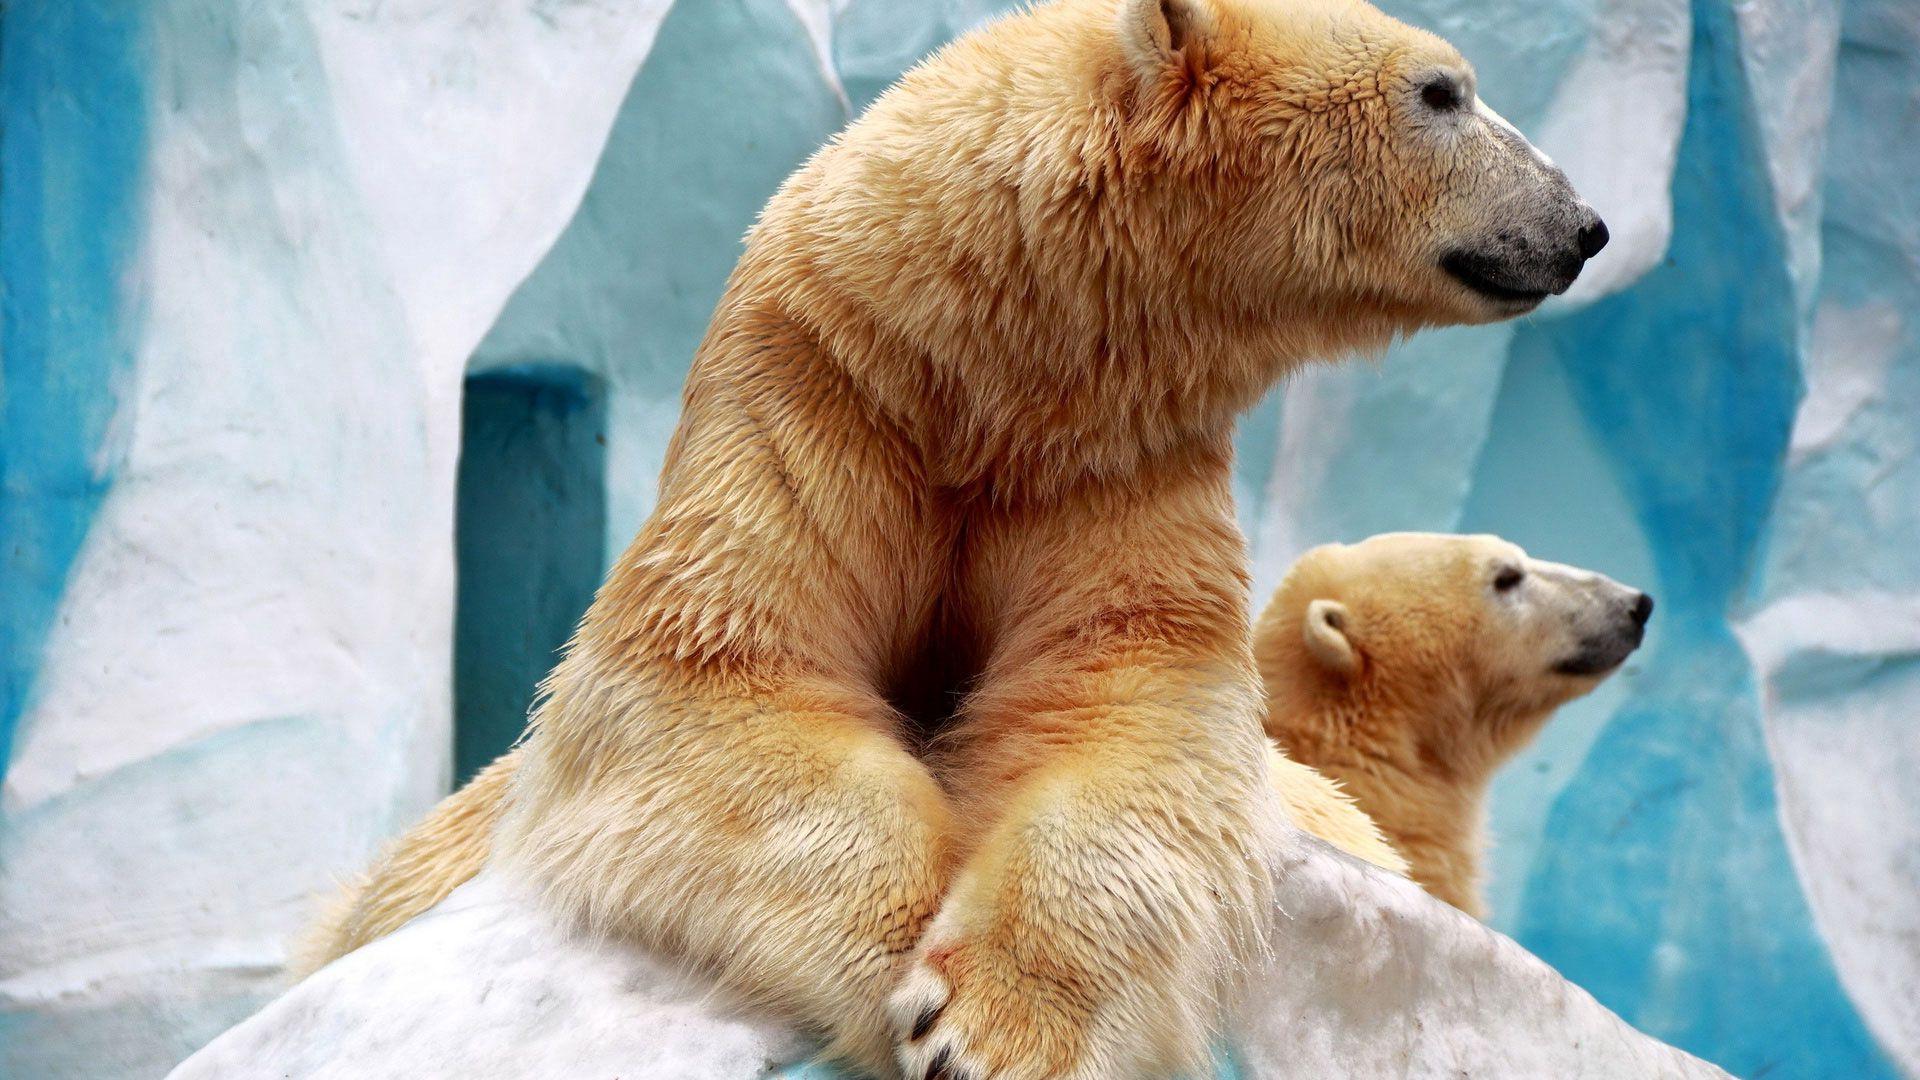 141713 Заставки и Обои Медведи на телефон. Скачать Животные, Медведи, Стена, Лапы, Шерсть, Зоопарк картинки бесплатно